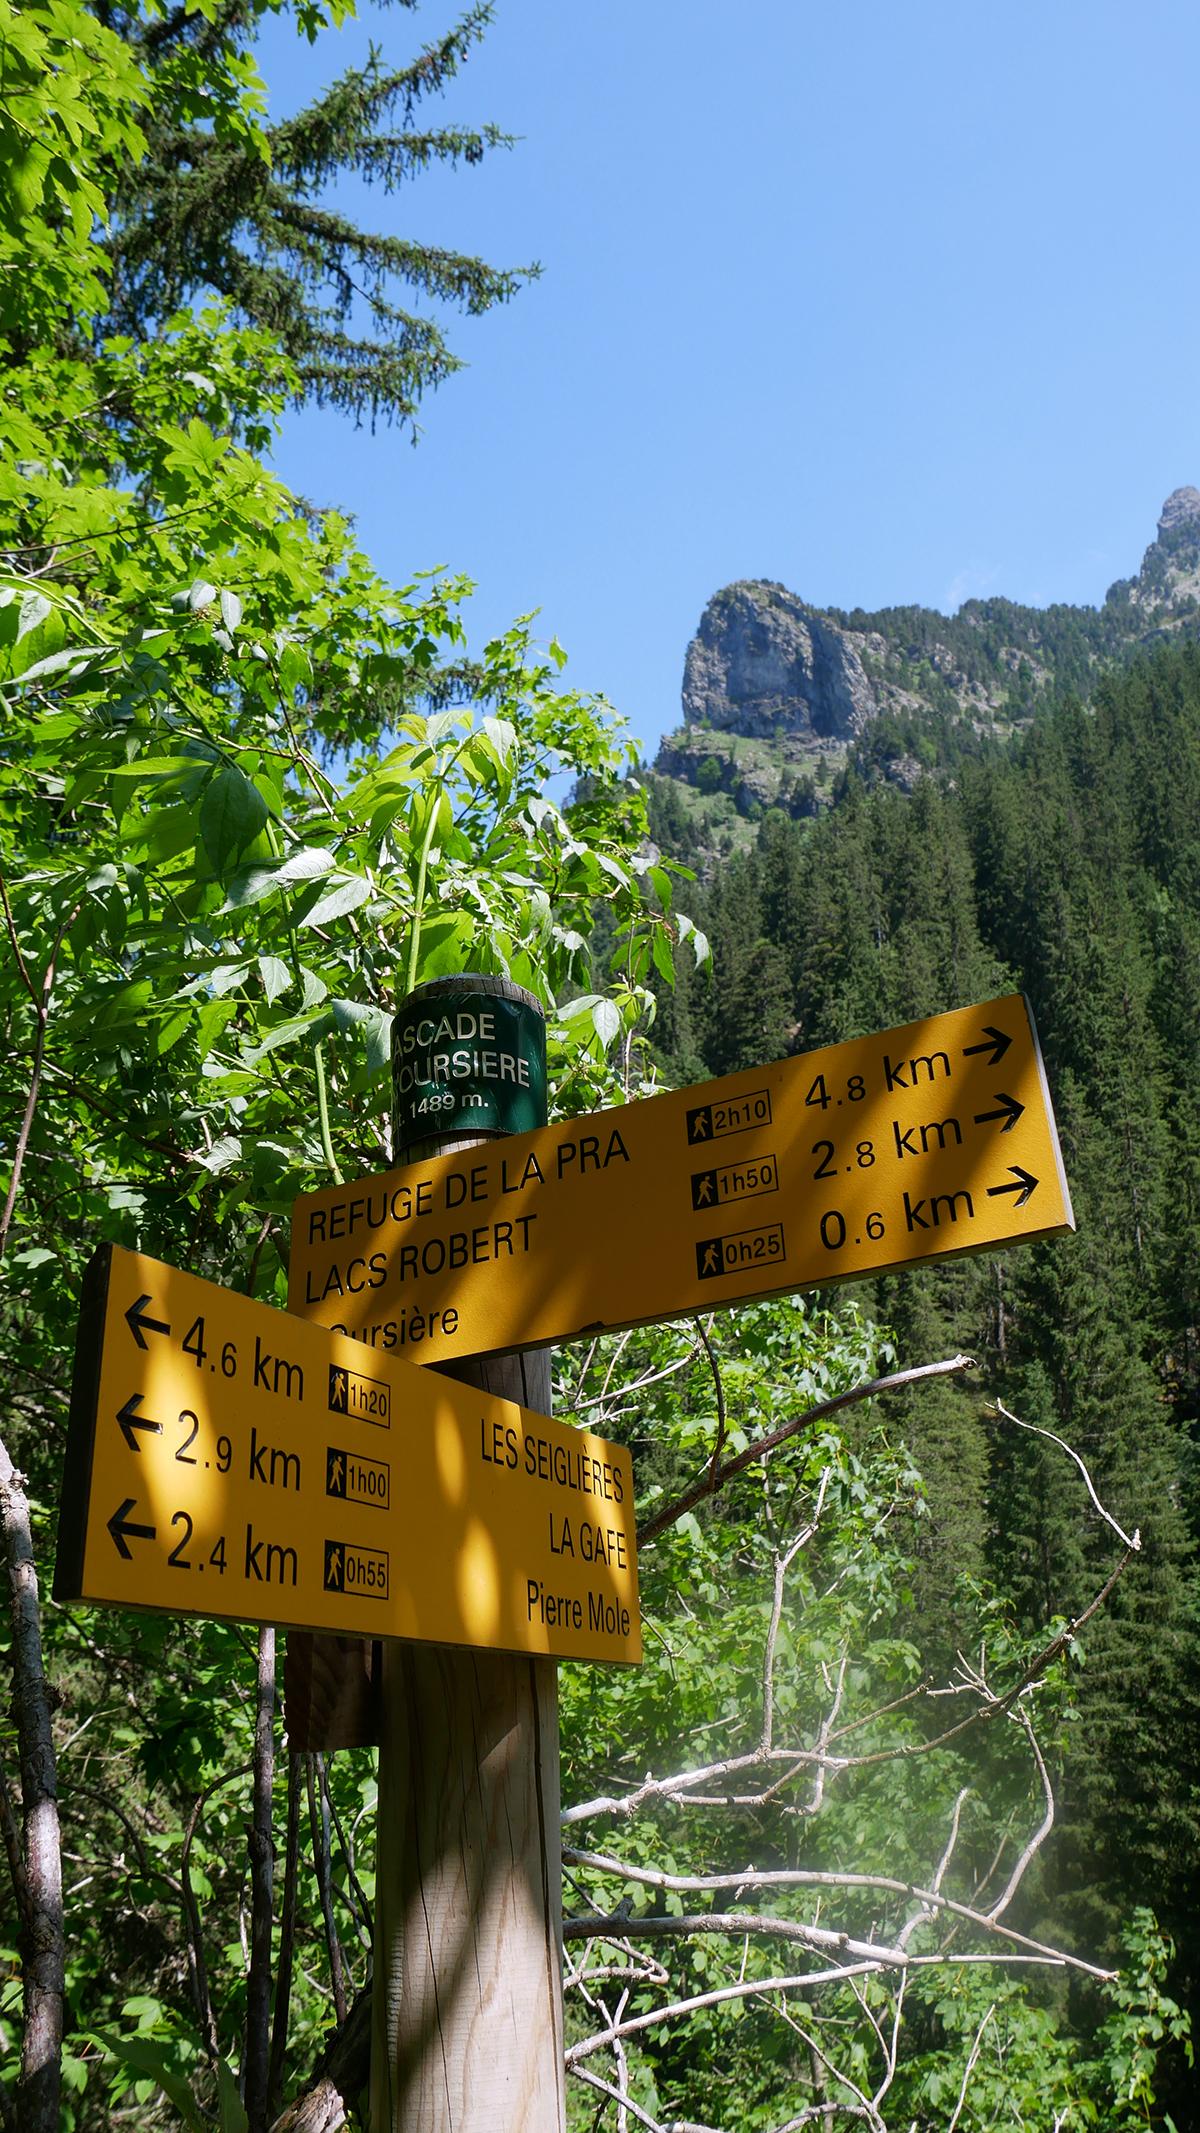 Chamrousse panneau sentier rando cascade de l'Oursière station montagne été isère alpes france - © FL - OT Chamrousse